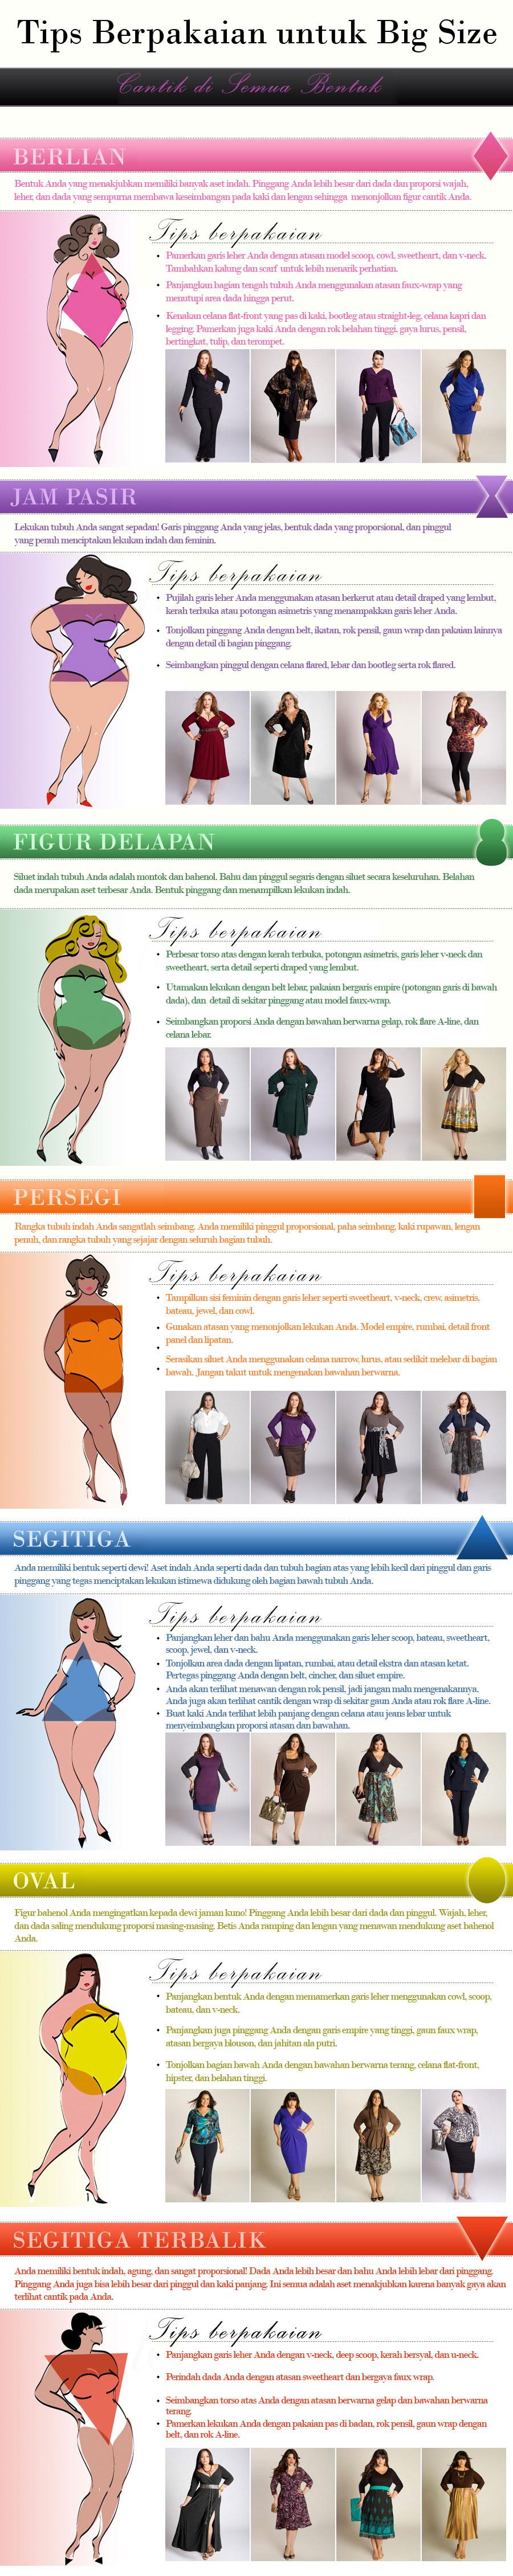 tips berpakaian big size